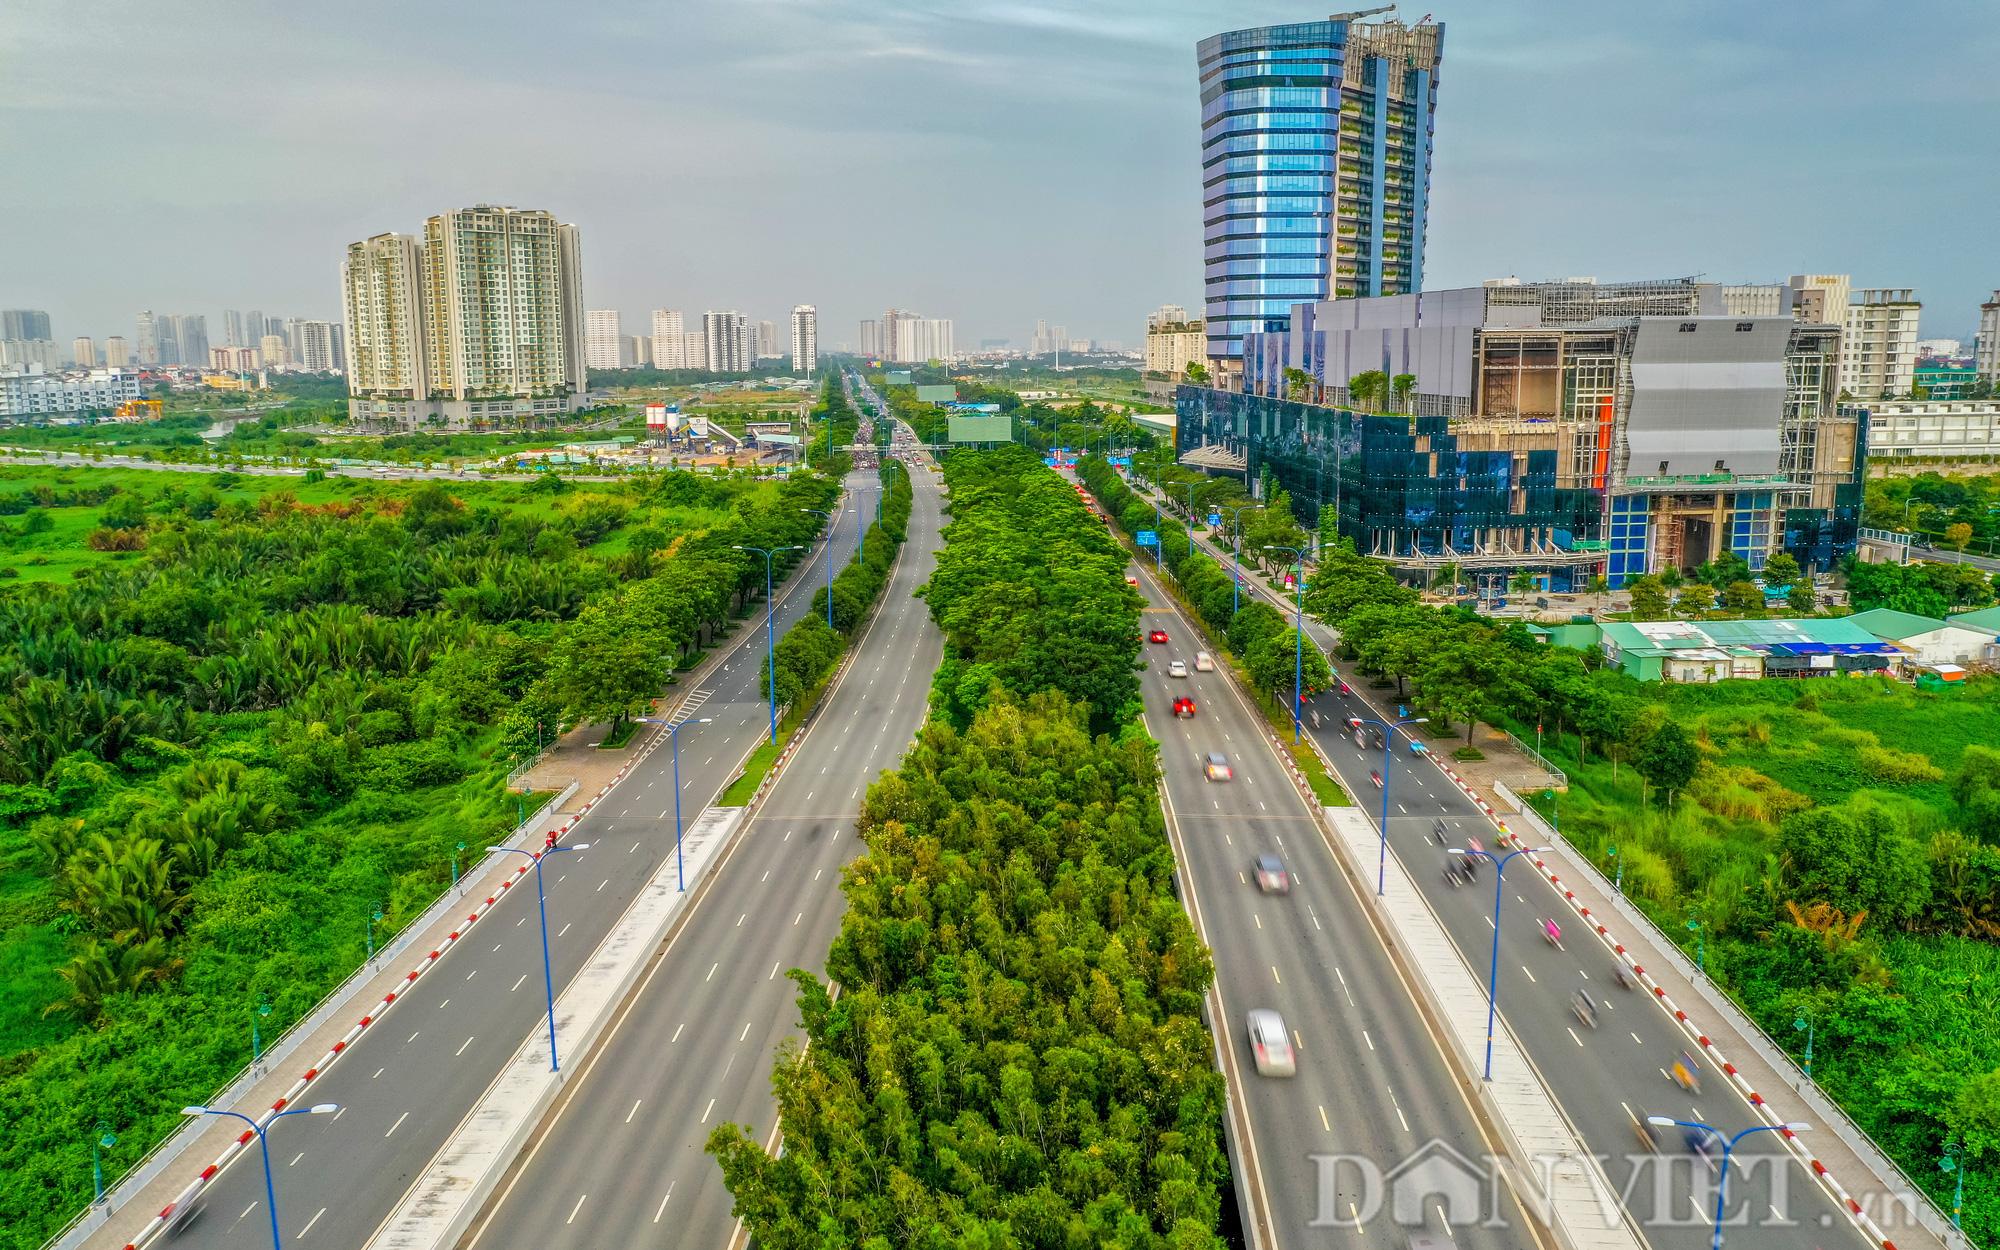 Chiến lược phát triển nhà ở đến 2025 tại TP.HCM: ''Siết'' nhà cao tầng trong trung tâm, ưu tiên phát triển đô thị sinh thái, nghỉ dưỡng ở Cần Giờ